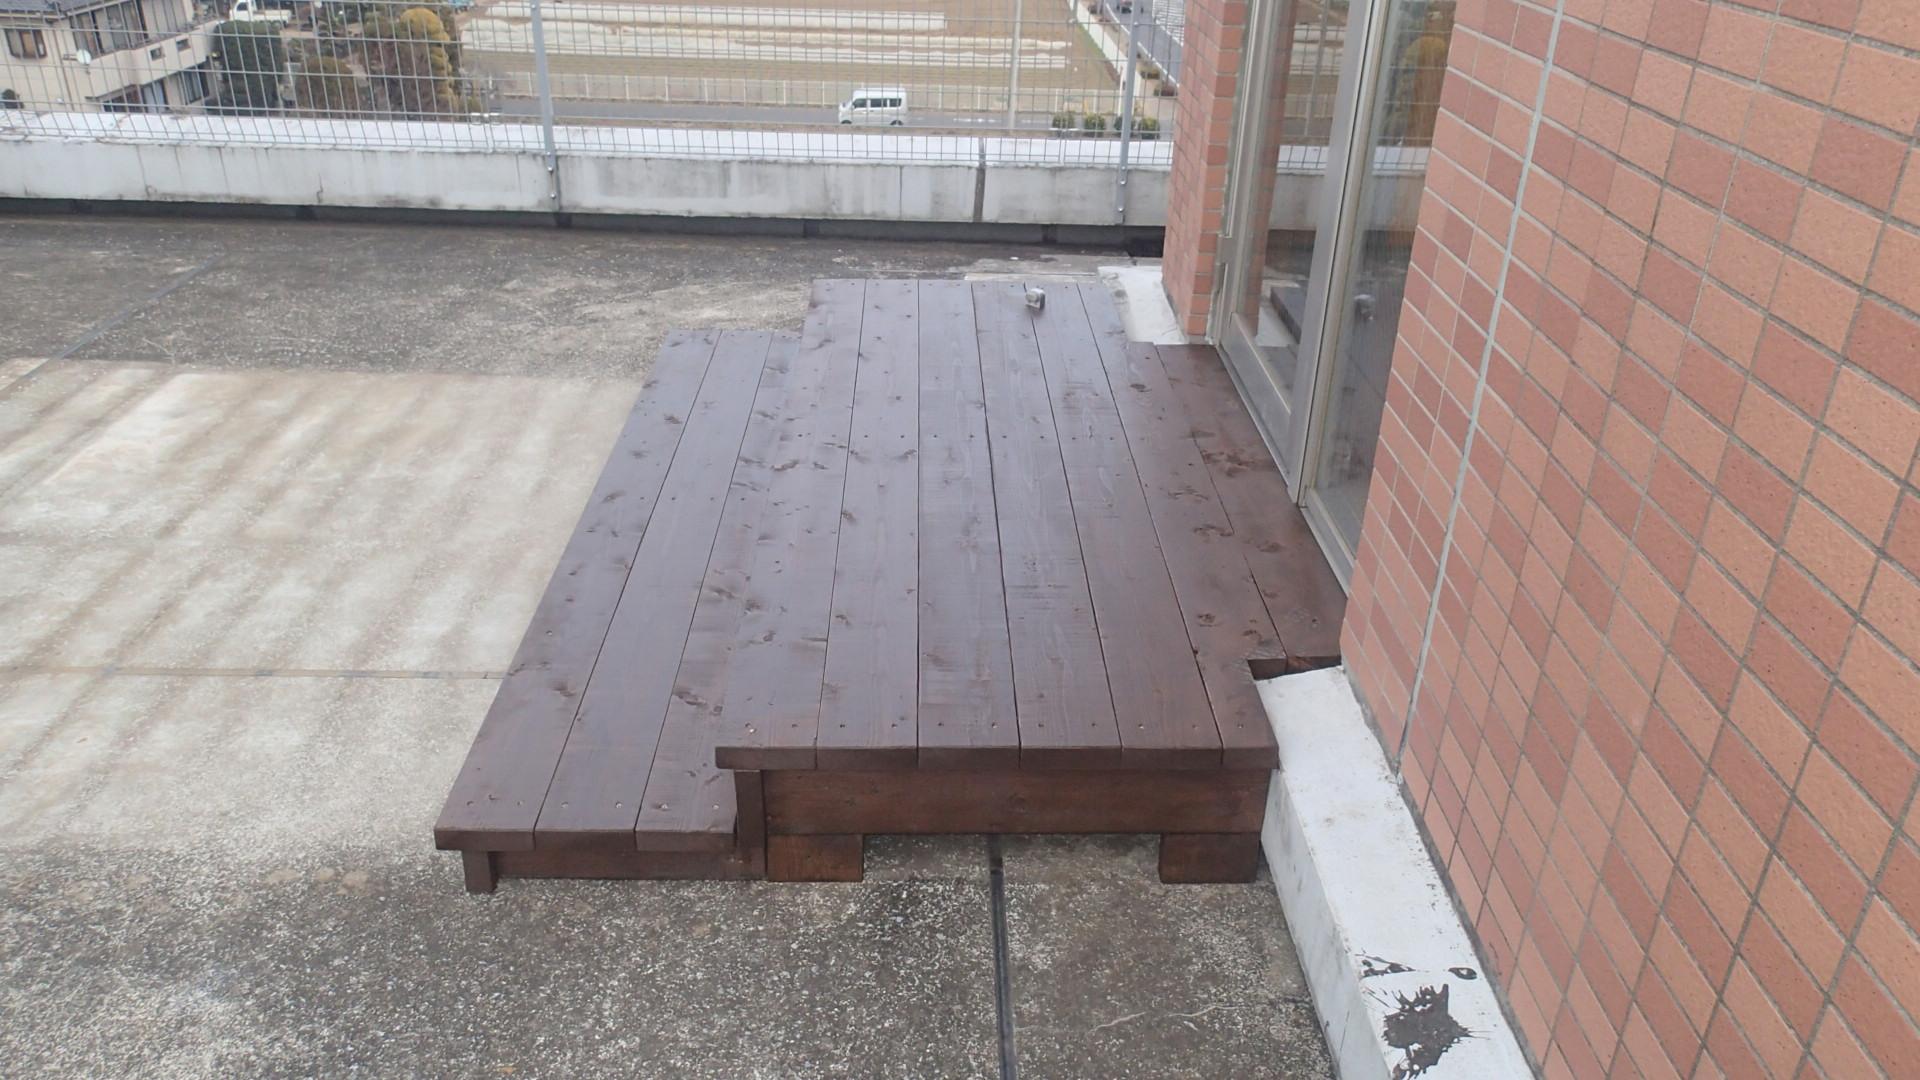 K様木製スロープ改修工事のアイキャッチ画像